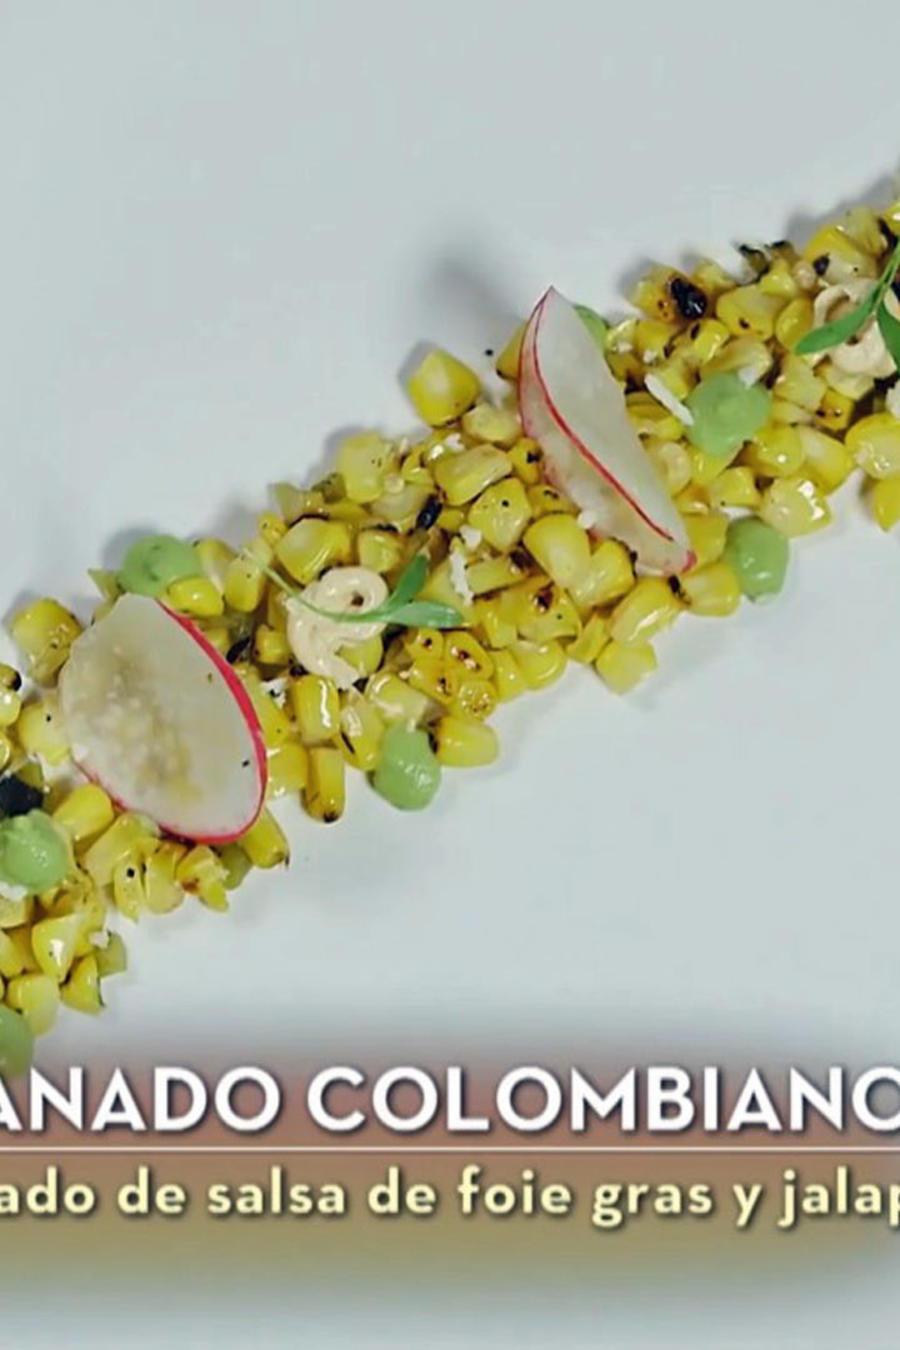 Lauren Arboleda cocinó un degranado collombiano como entrada en la final de MasterChef Latino 2